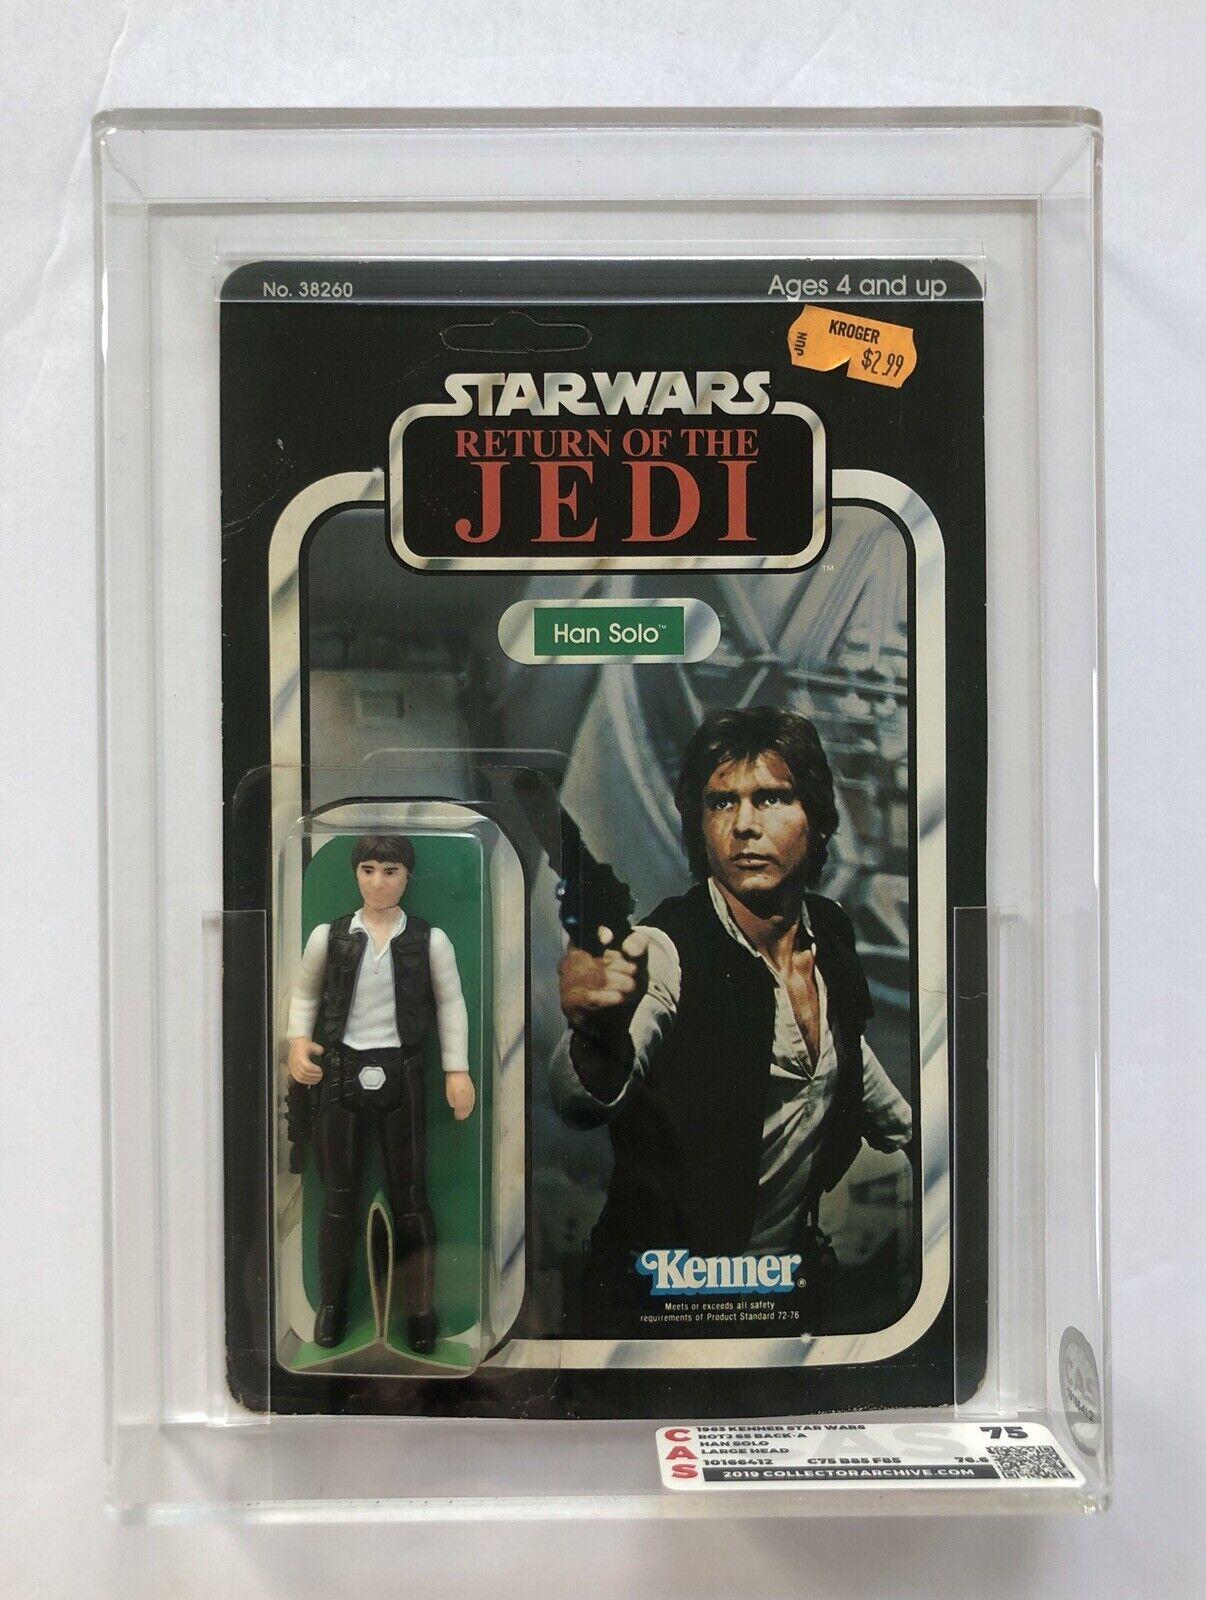 Retorno de las Jedi De Estrella Wars Han Solo 65 Back-un Vintage menta en tarjeta ENLOMADOR CAS 75 85 Figura de Acción autoridad clara burbuja